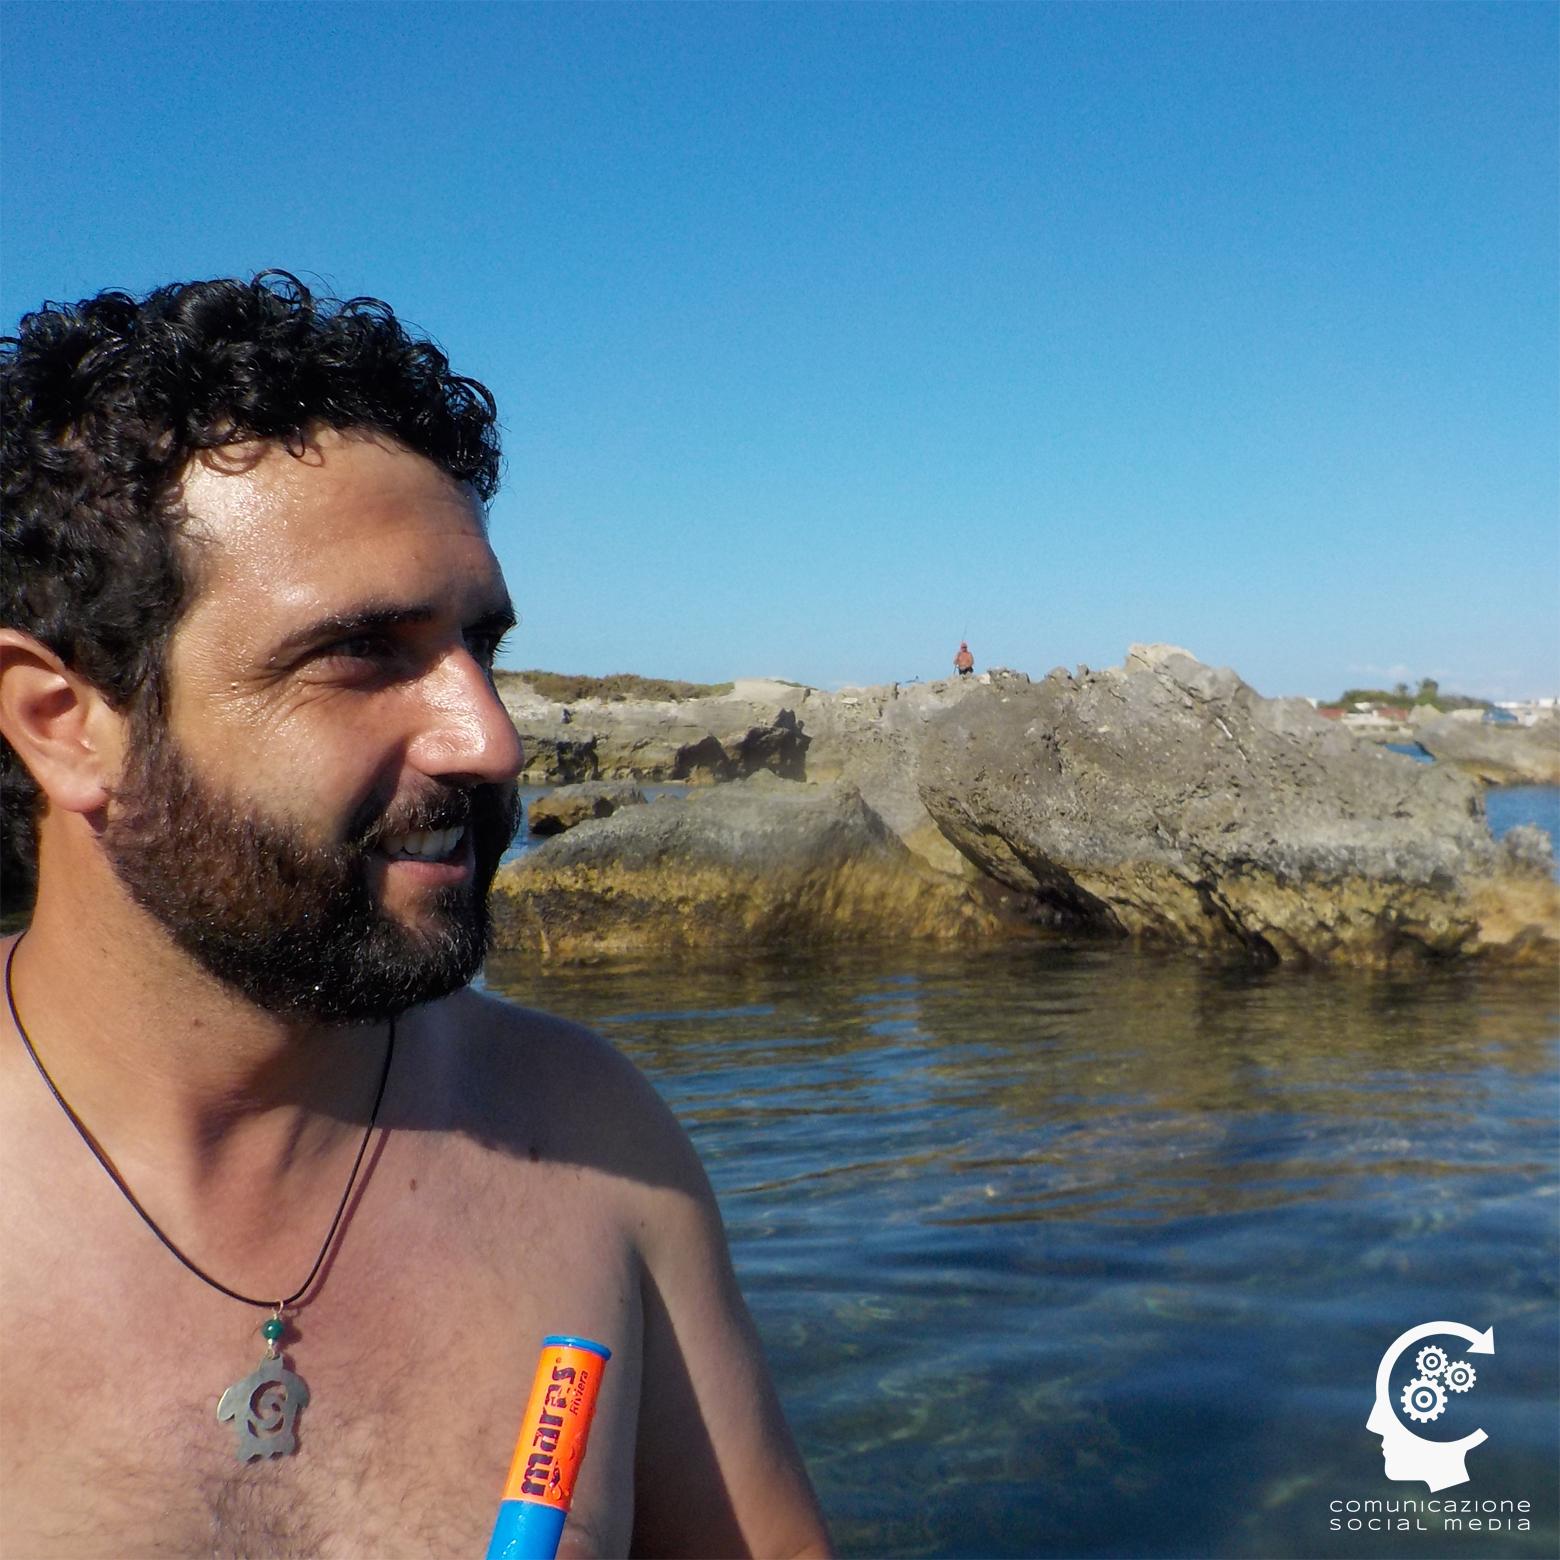 La voce del mare: Paolo Balistreri